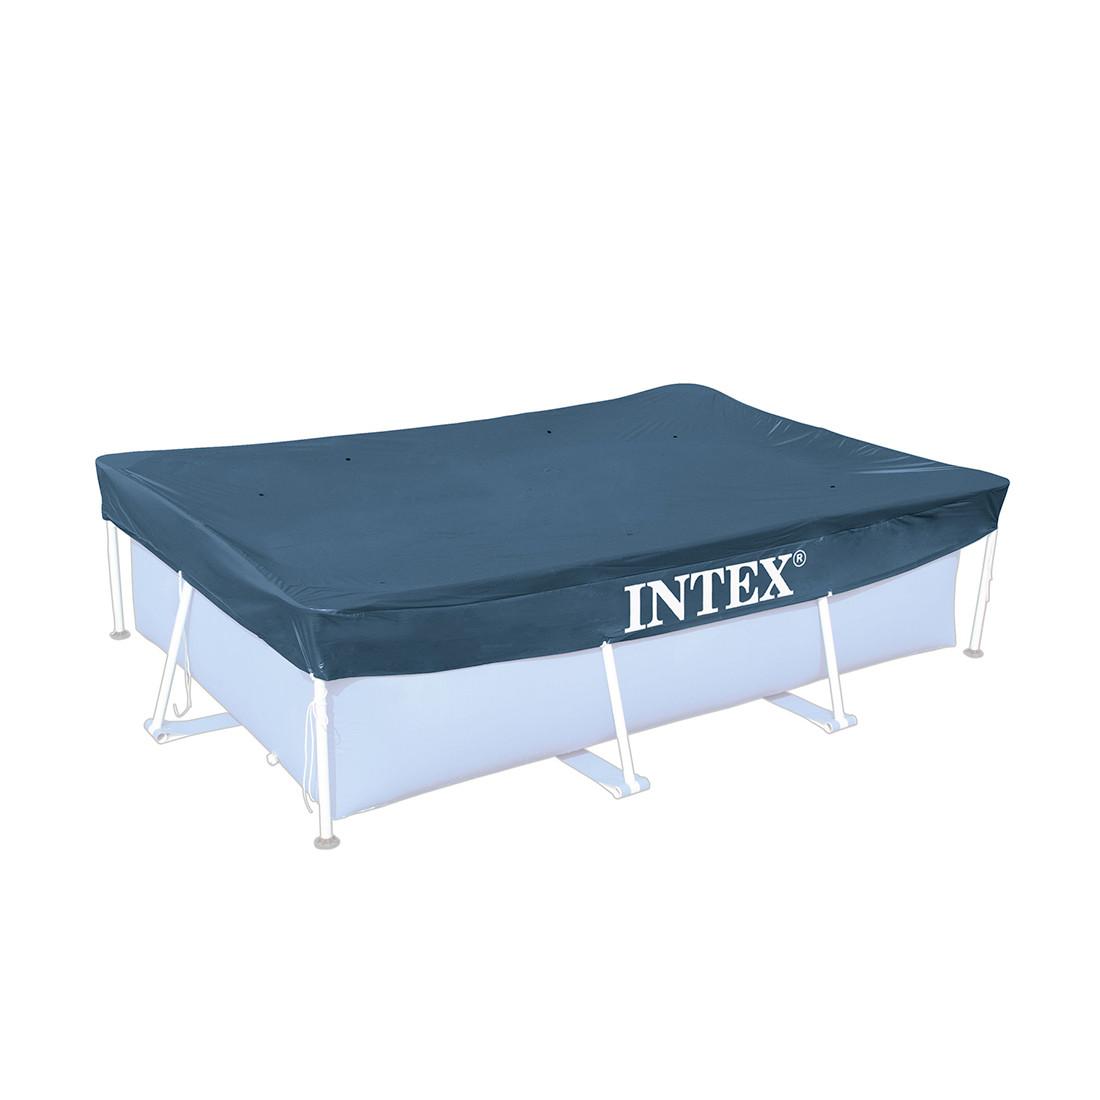 Тент для каркасных бассейнов размером 300 х 200 см, INTEX, 28038